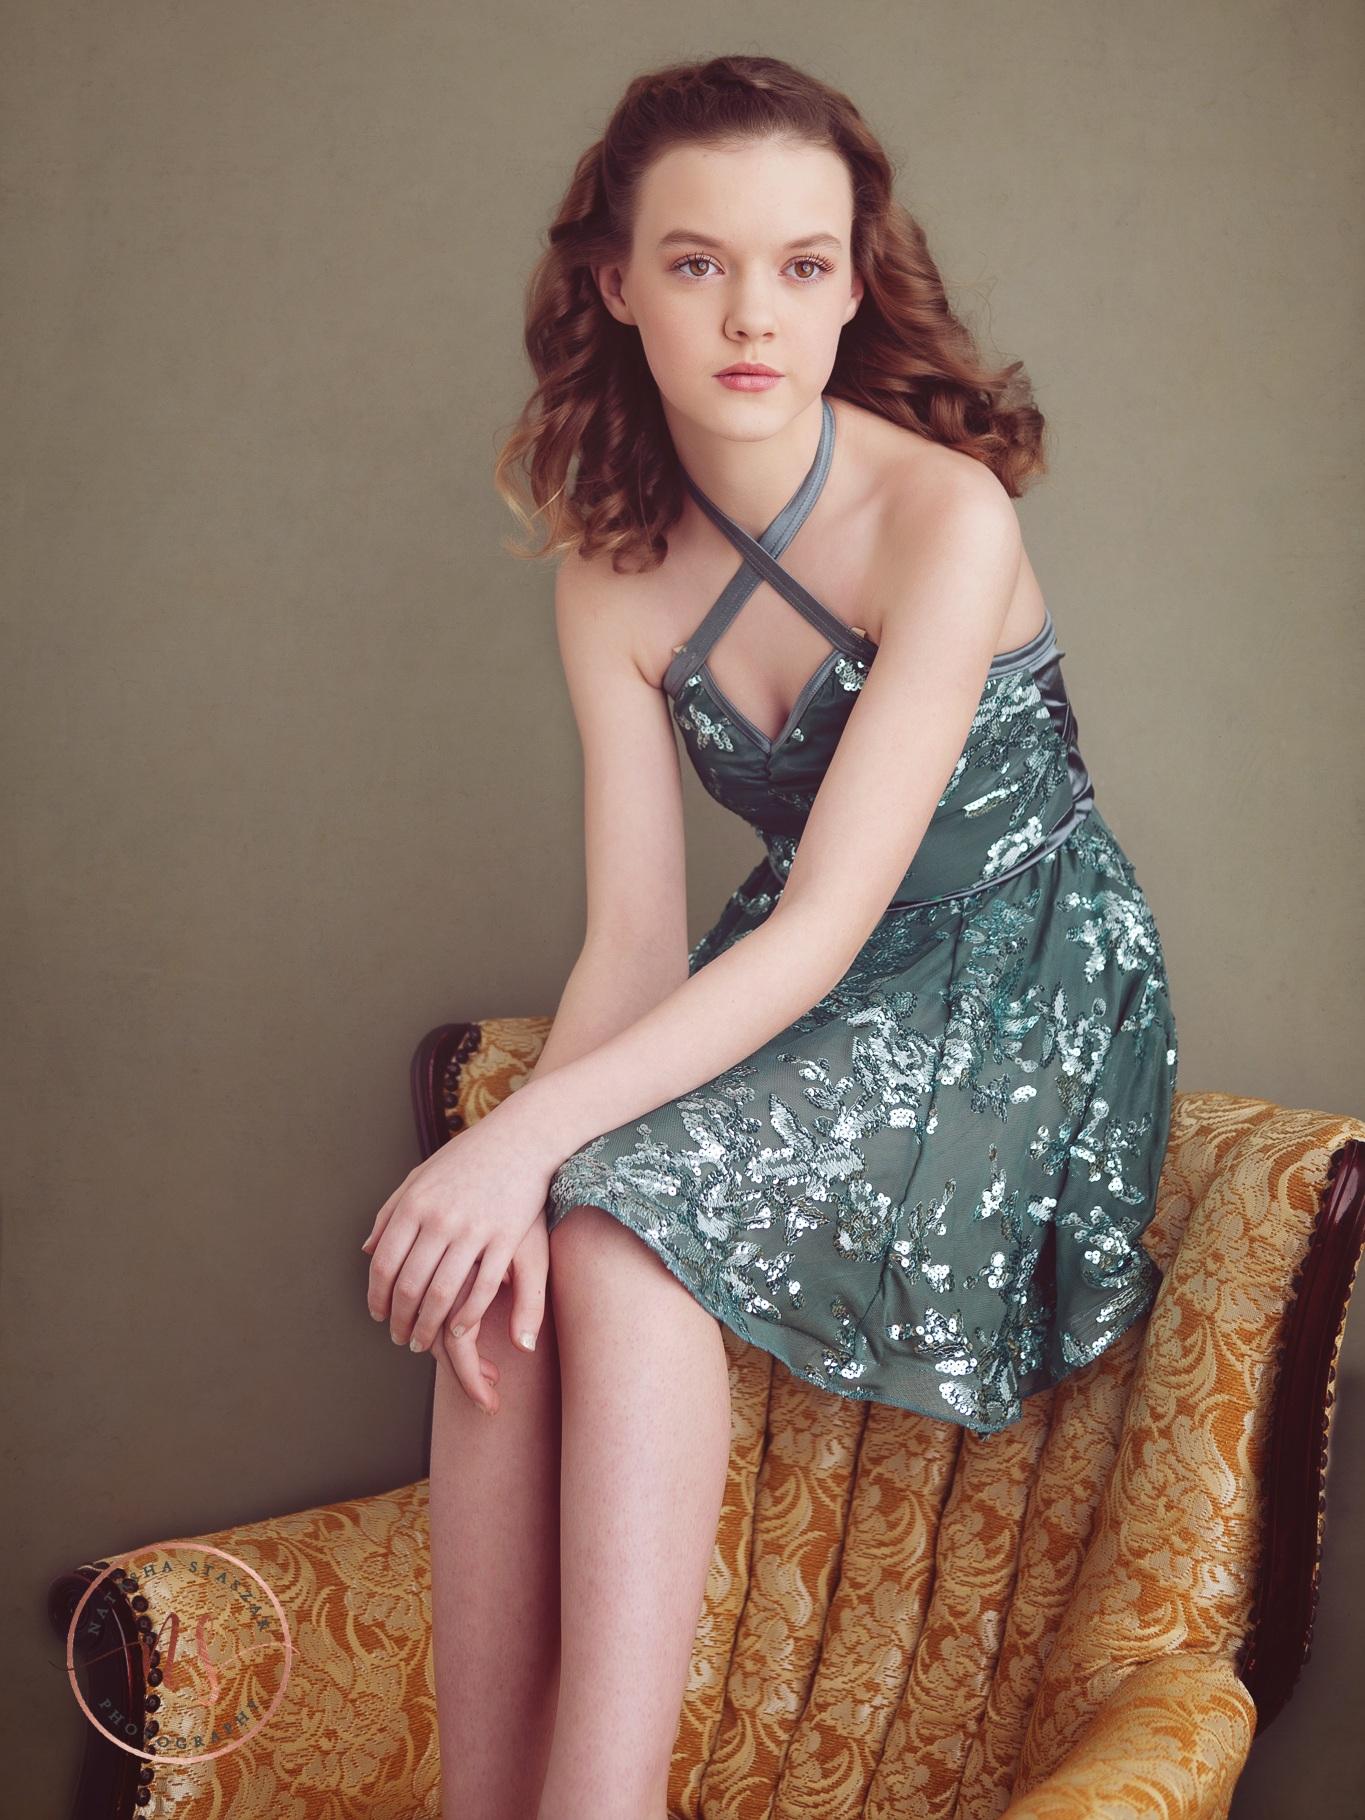 Buffalo Portrait photo studio Natasha Staszak Photography. Tween Girl sitting on chair.